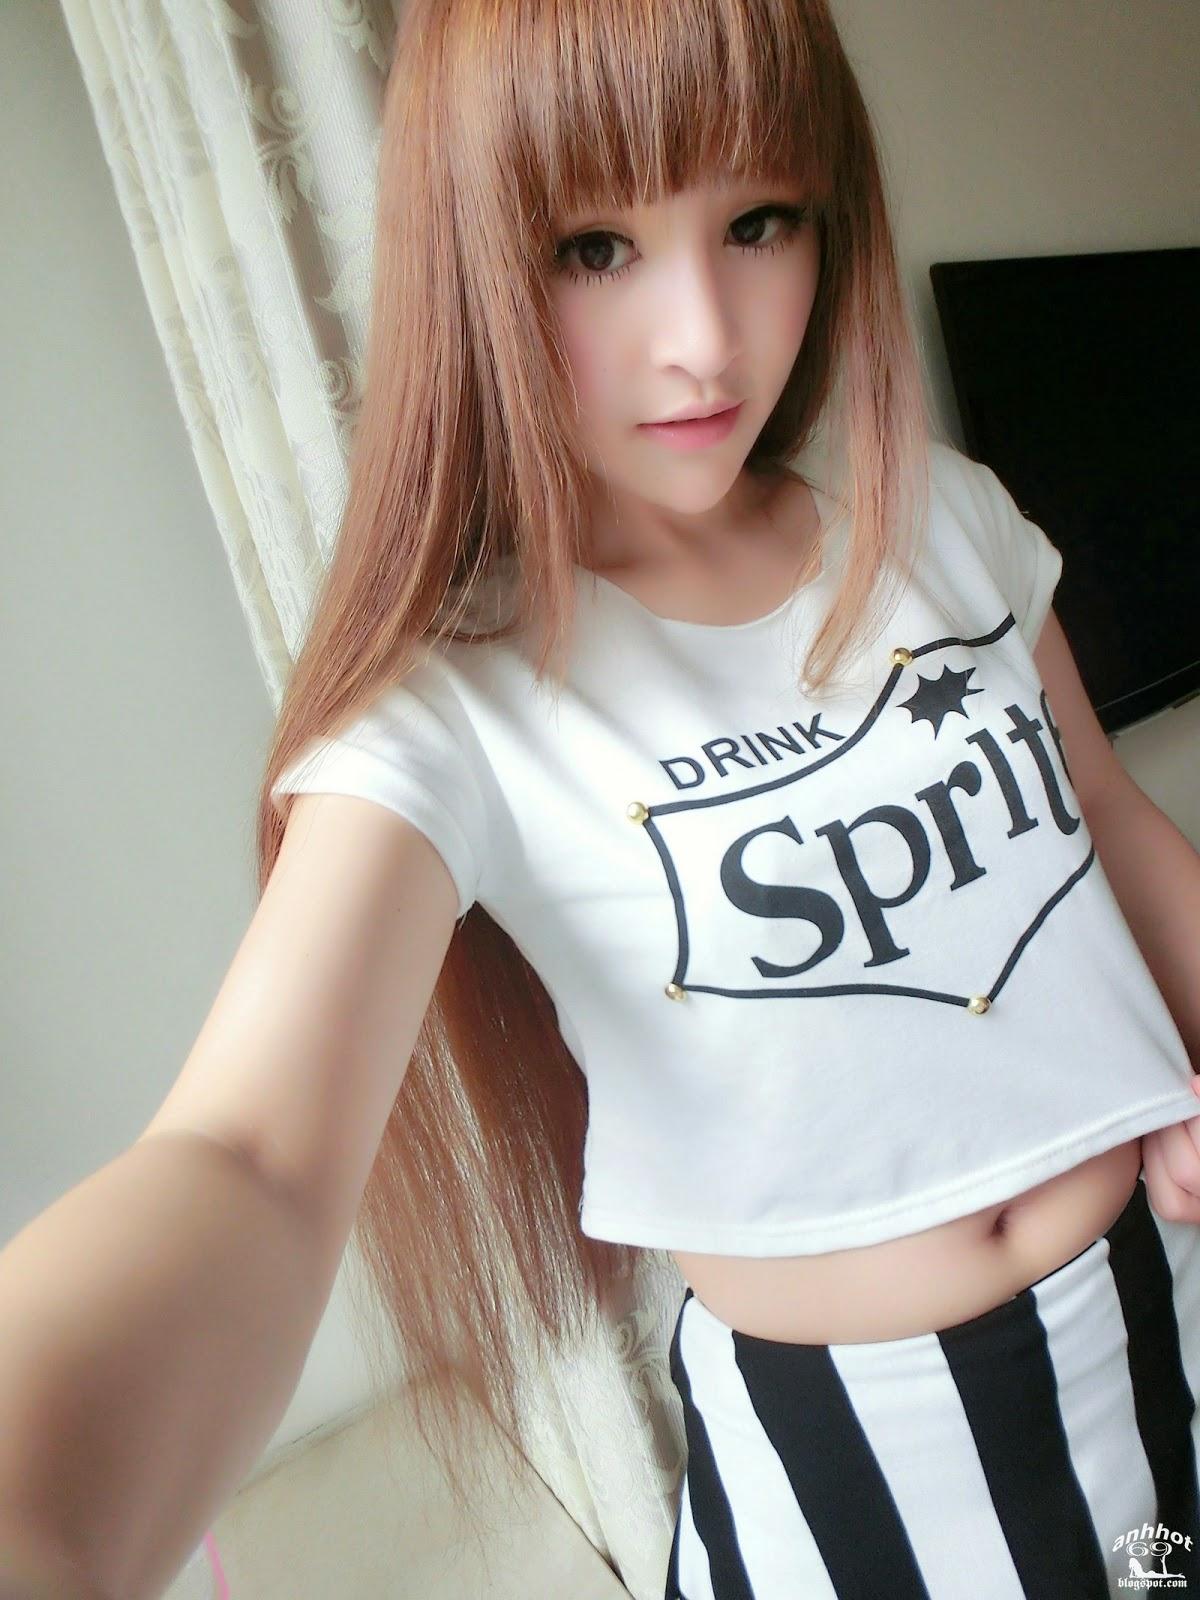 Suxia_h5_117491708424638df7o